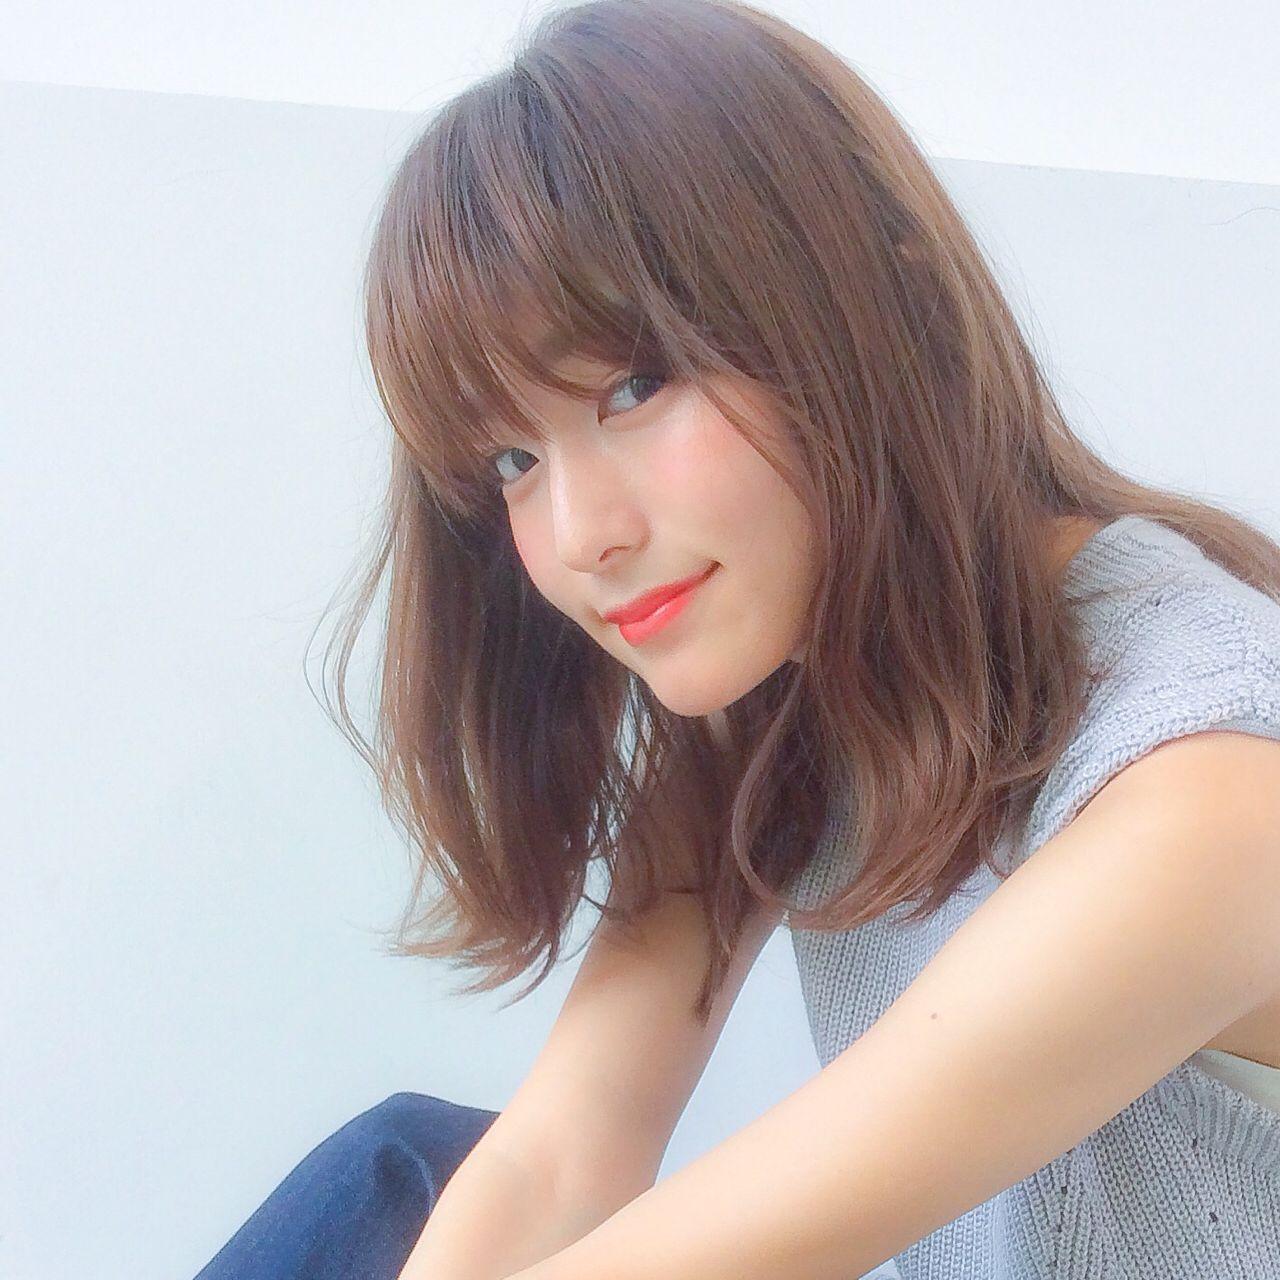 女子のモテる髪型はずばりミディアムレイヤー♡人気のヒケツに迫ります! 細田真吾